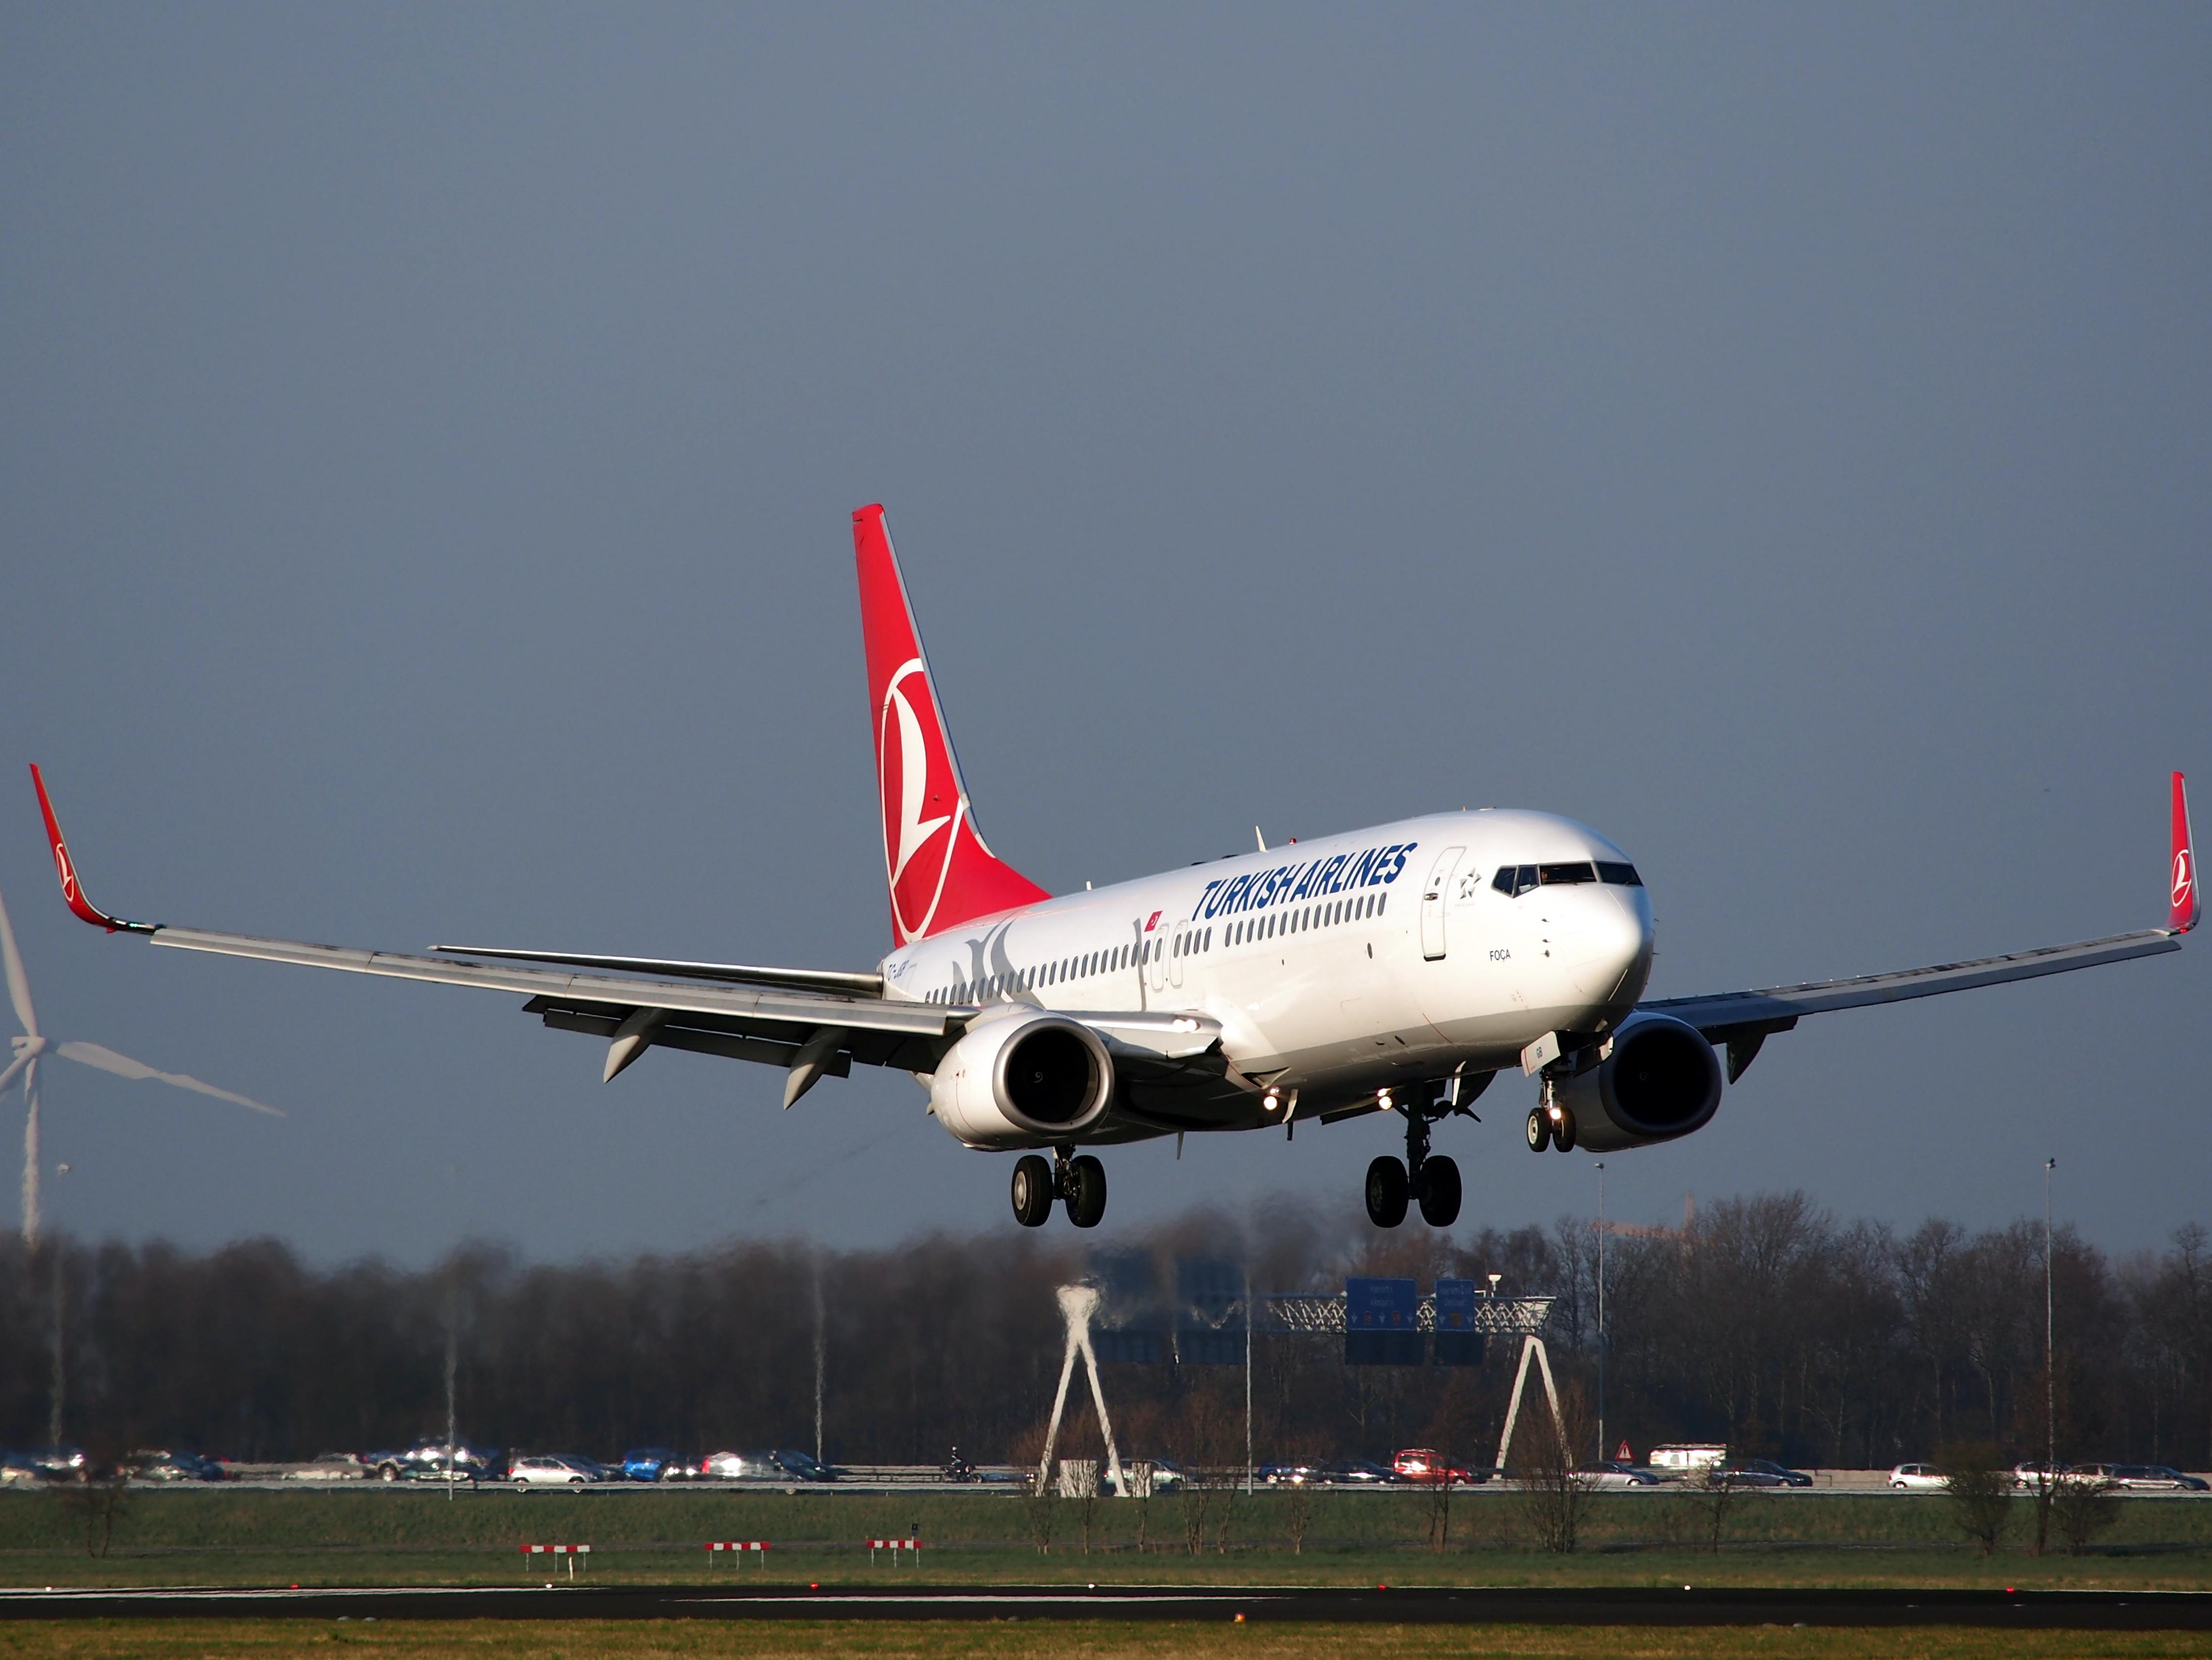 Ktm Turkish Airlines